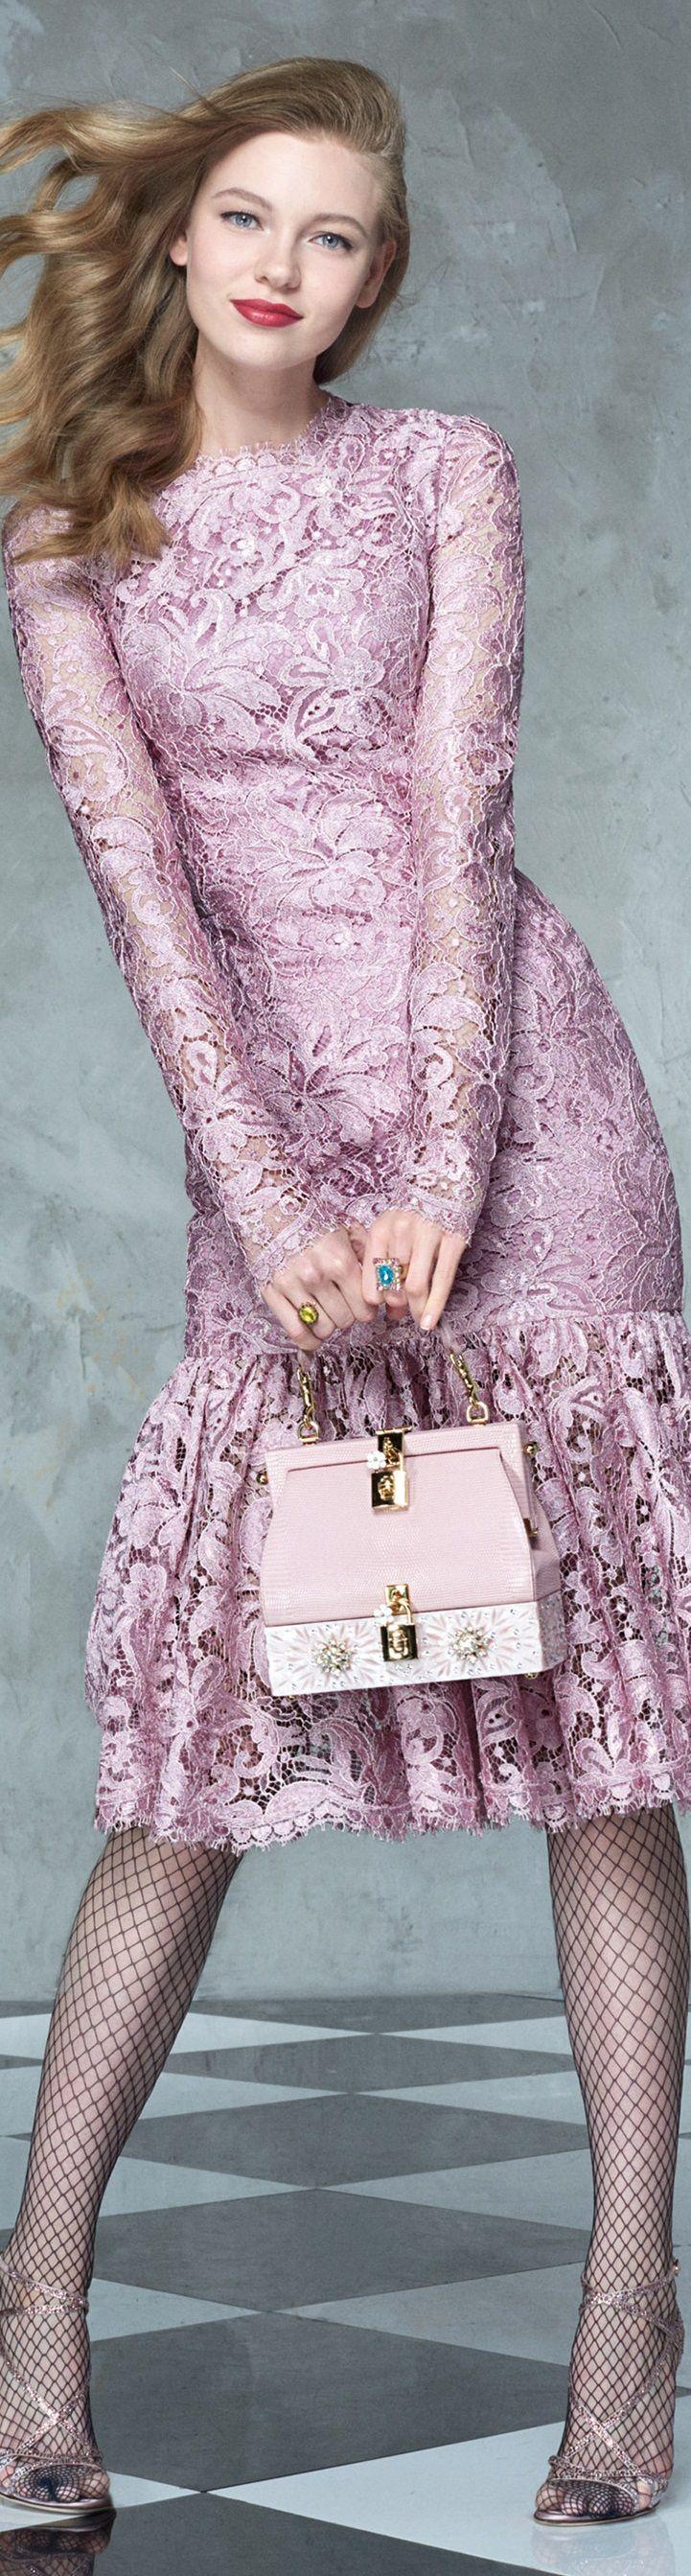 El vestido excelente, creo que las medias de red o malla y esas sandalias son demasiado!.. Quiero ese vestido!..